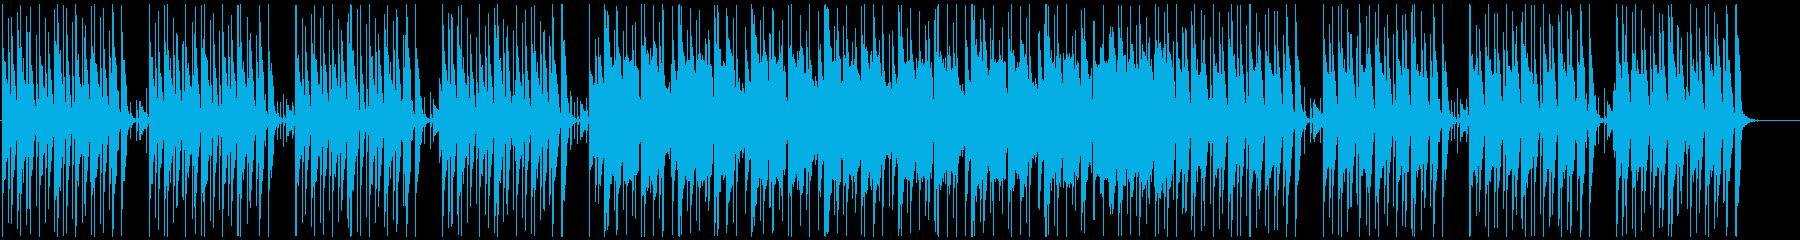 軽快でちょっとコミカルな和風BGMの再生済みの波形